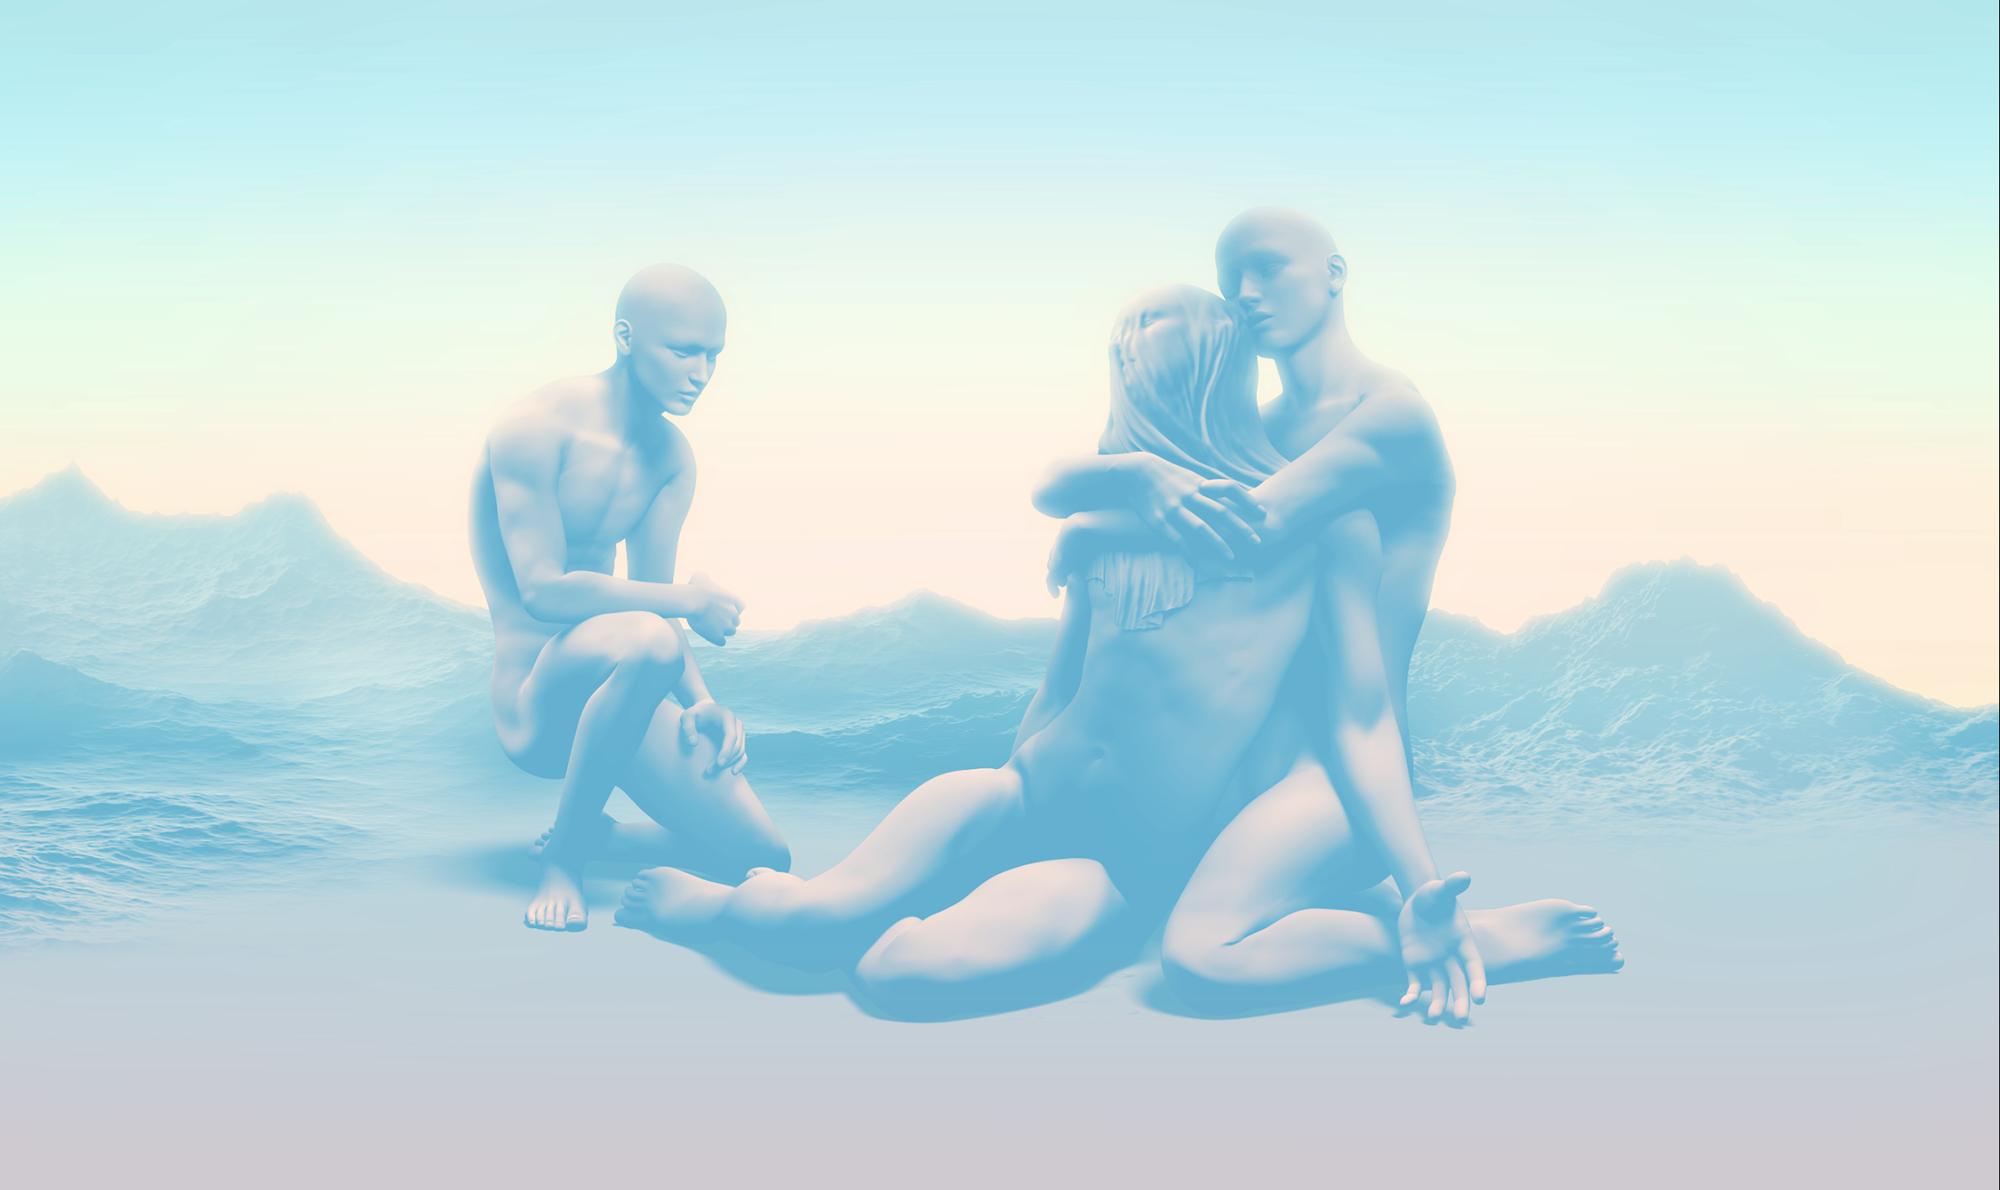 """Swoon  Framed inkjet print  23.5"""" x 40""""  2013 - 2015"""